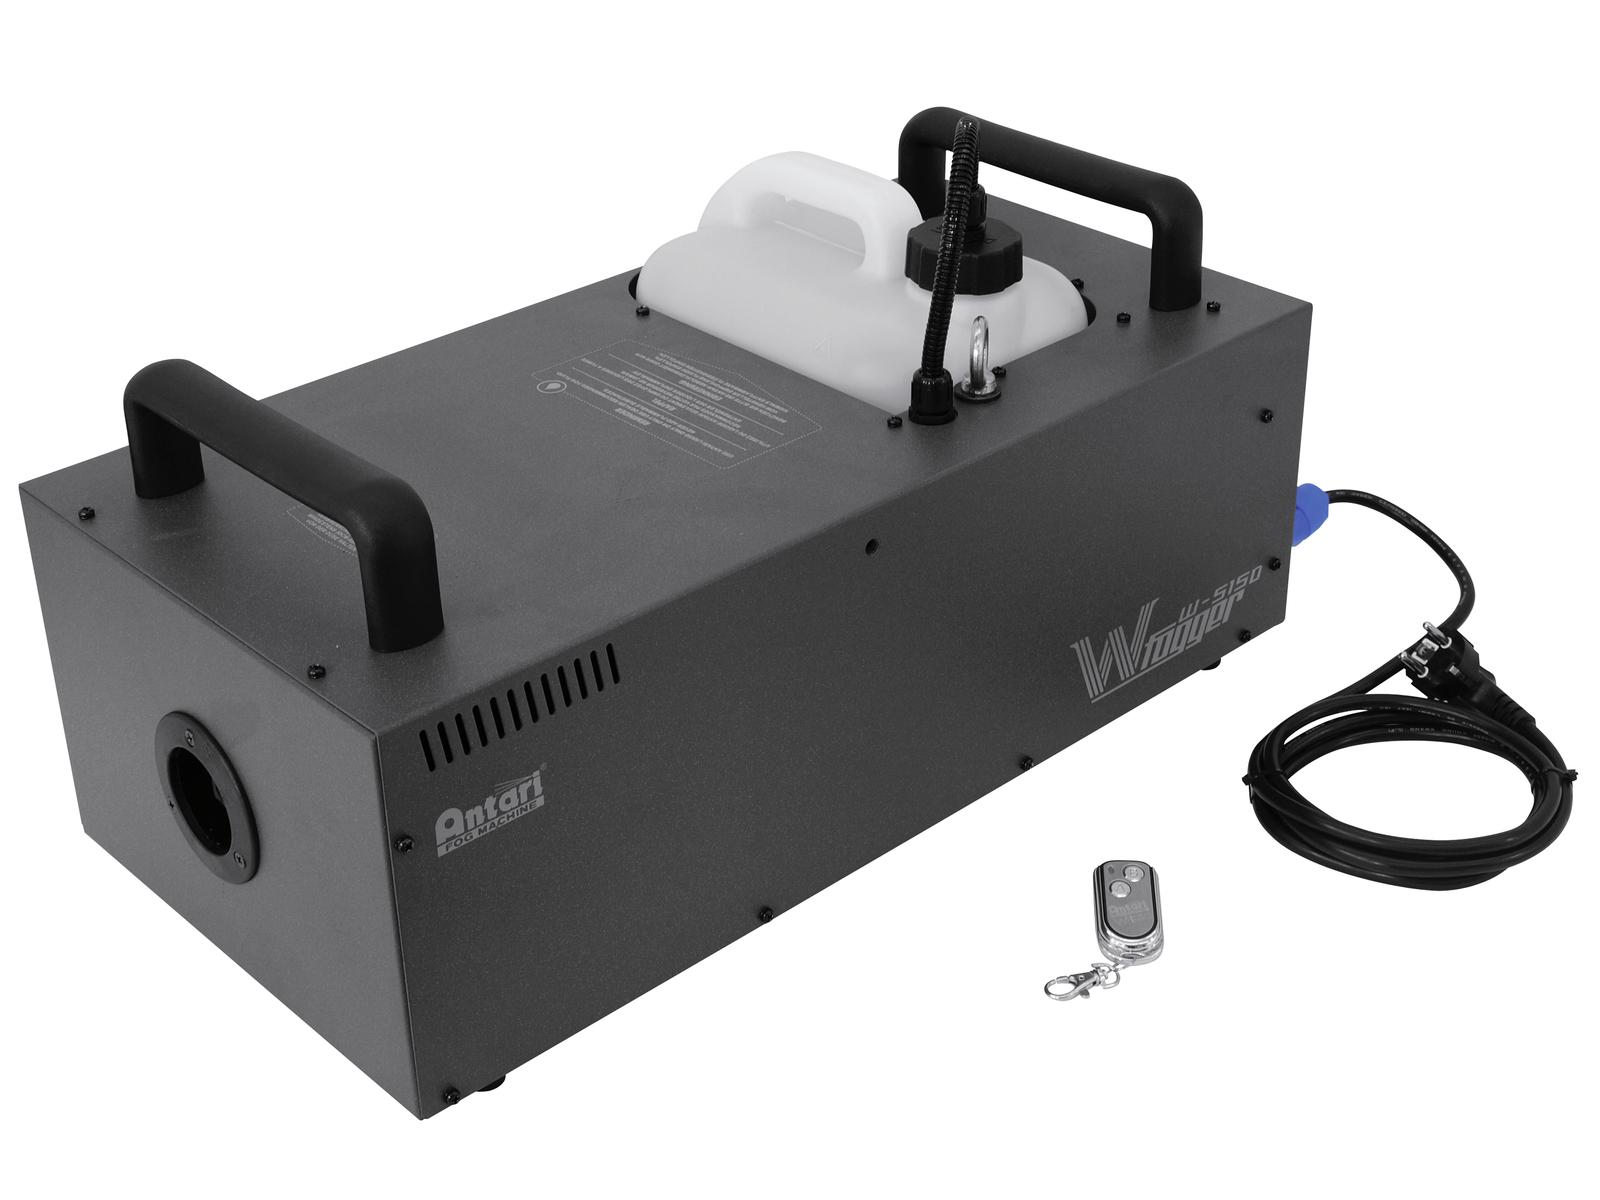 Macchina del fumo-nebbia alte prestazioni DMX, wireless, 1500 W ANTARI W-515D